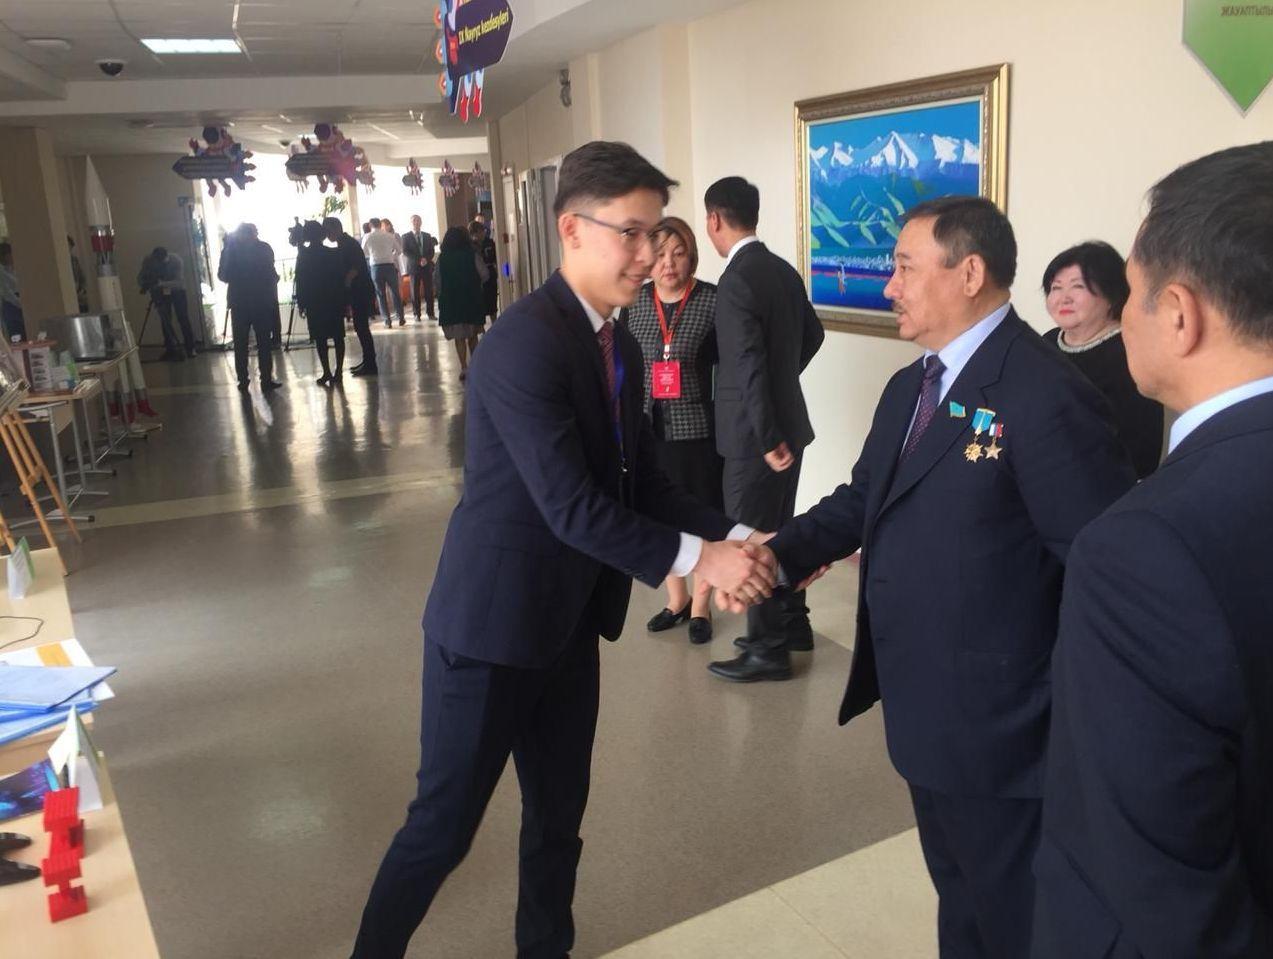 Әлихан Тәліпбаев пен Талғат Мұсабаев